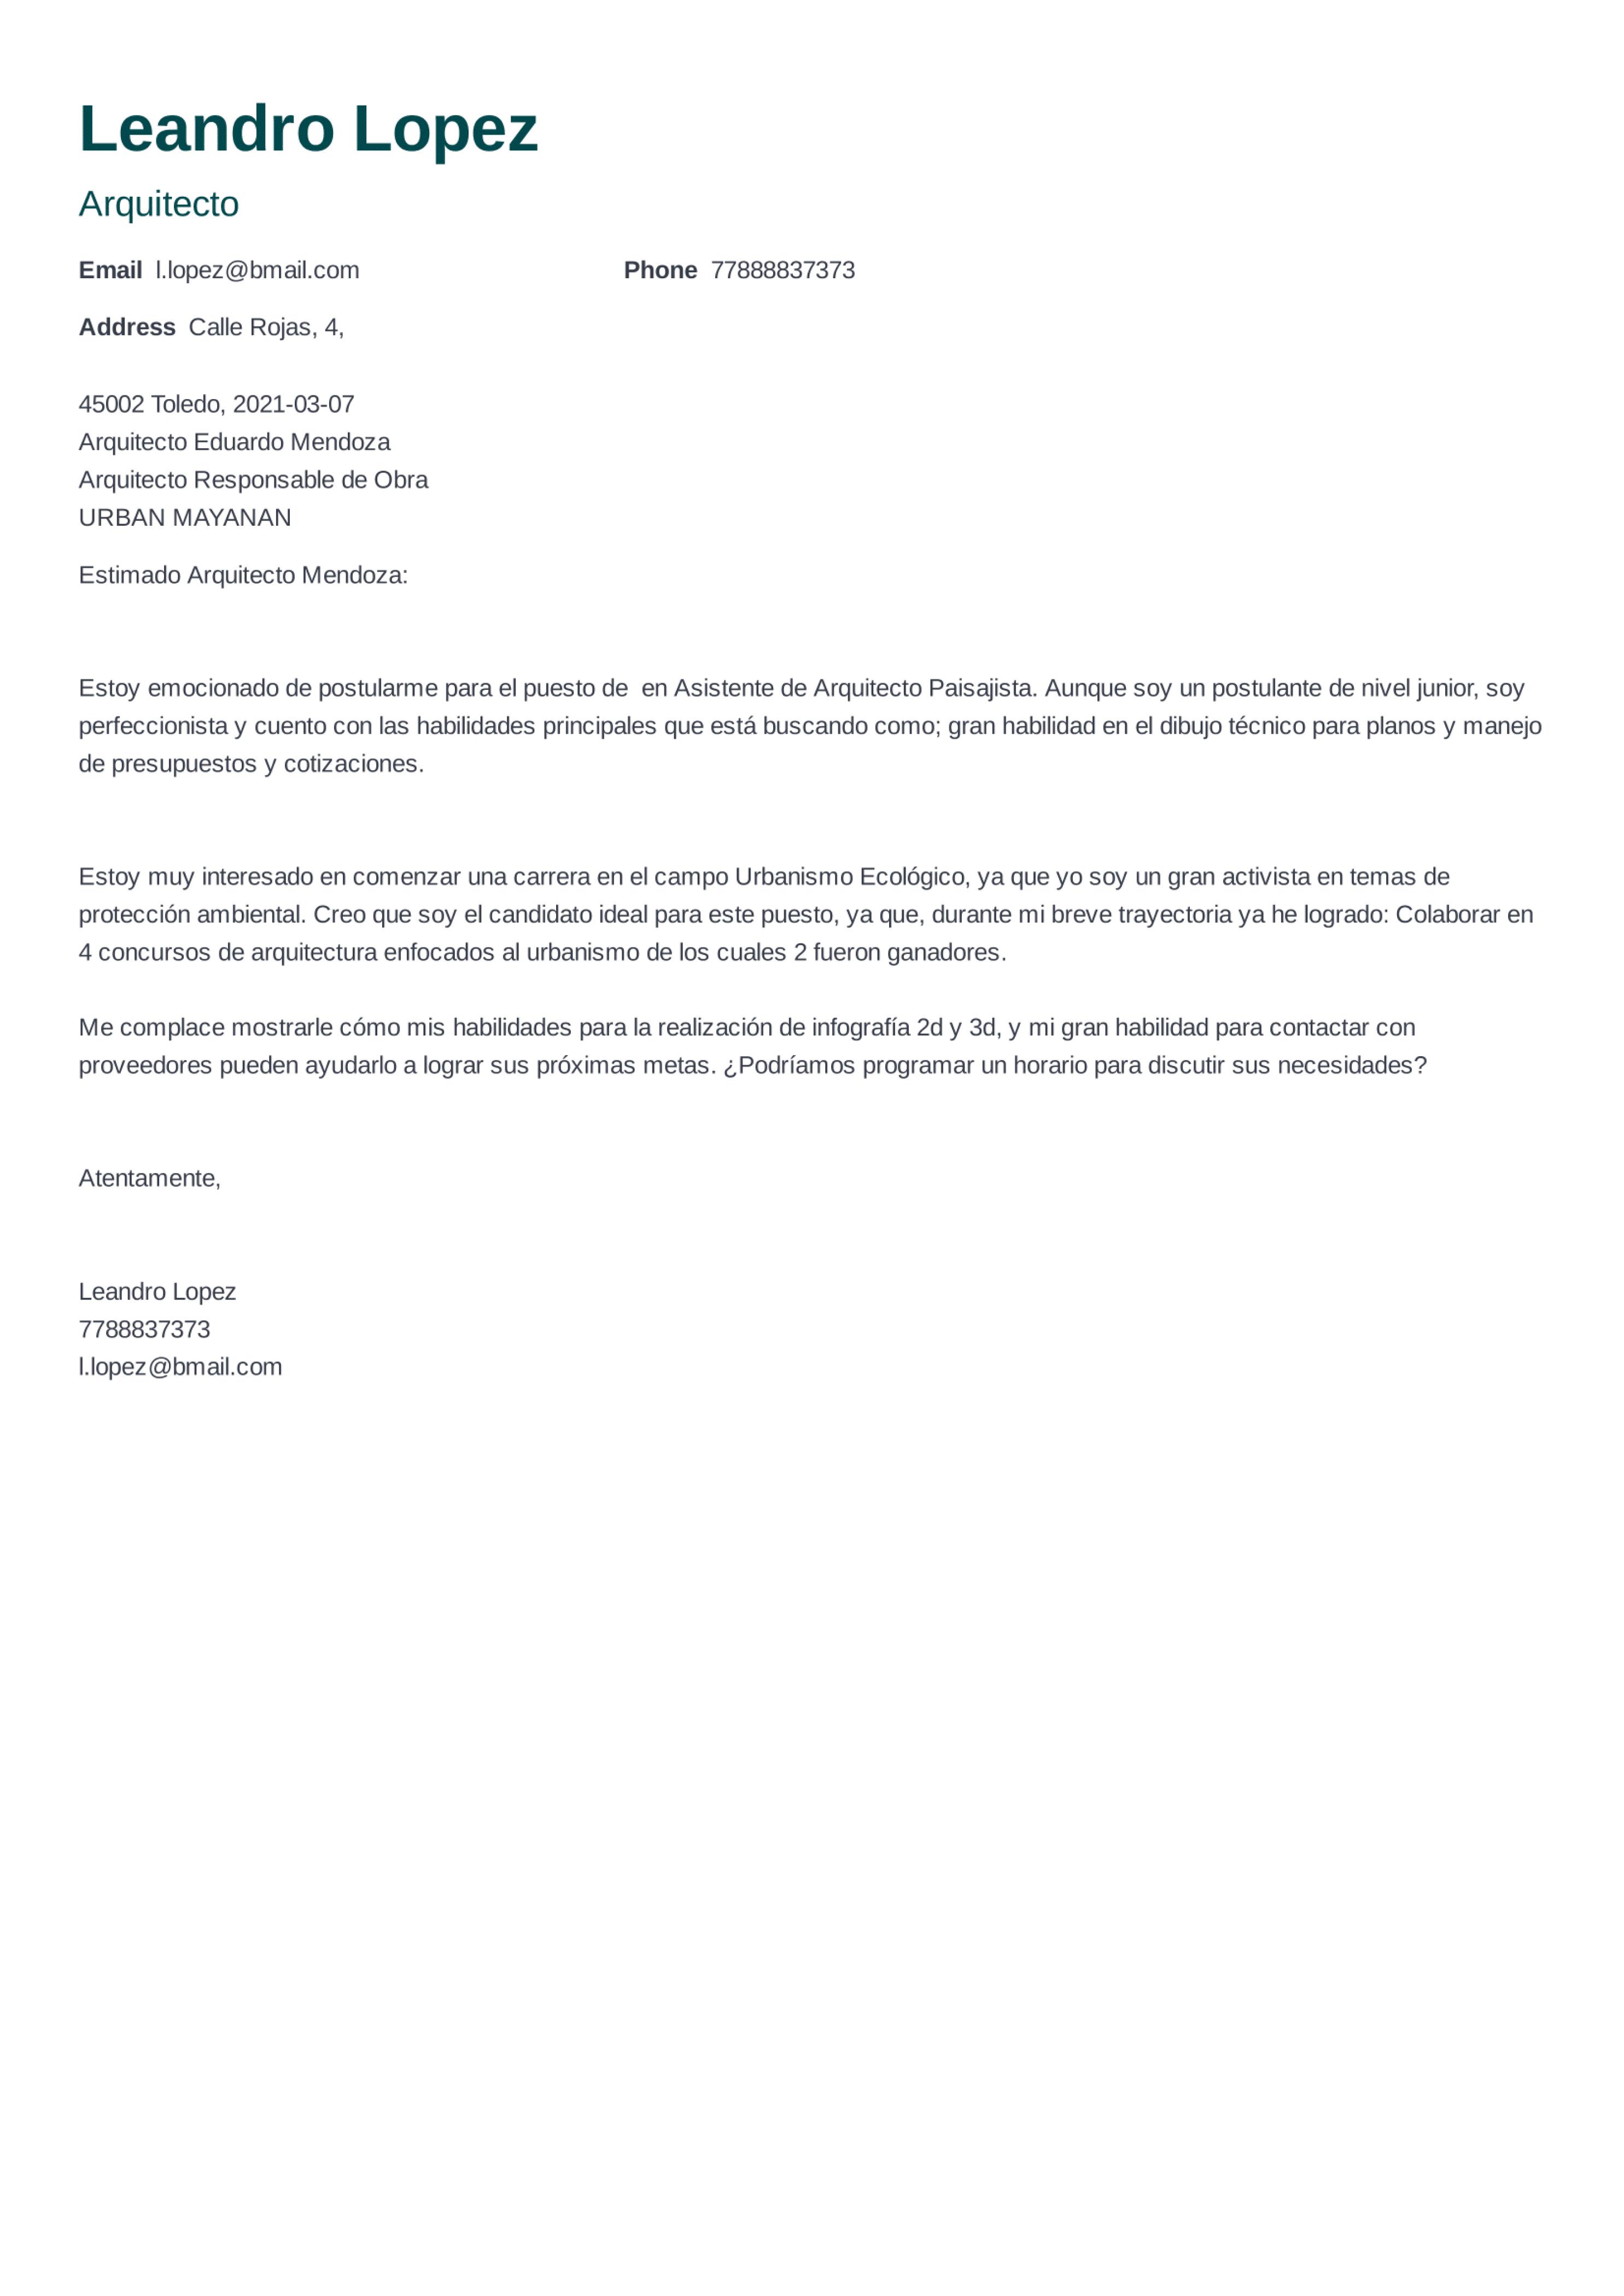 ejemplo carta de motivacion newcast